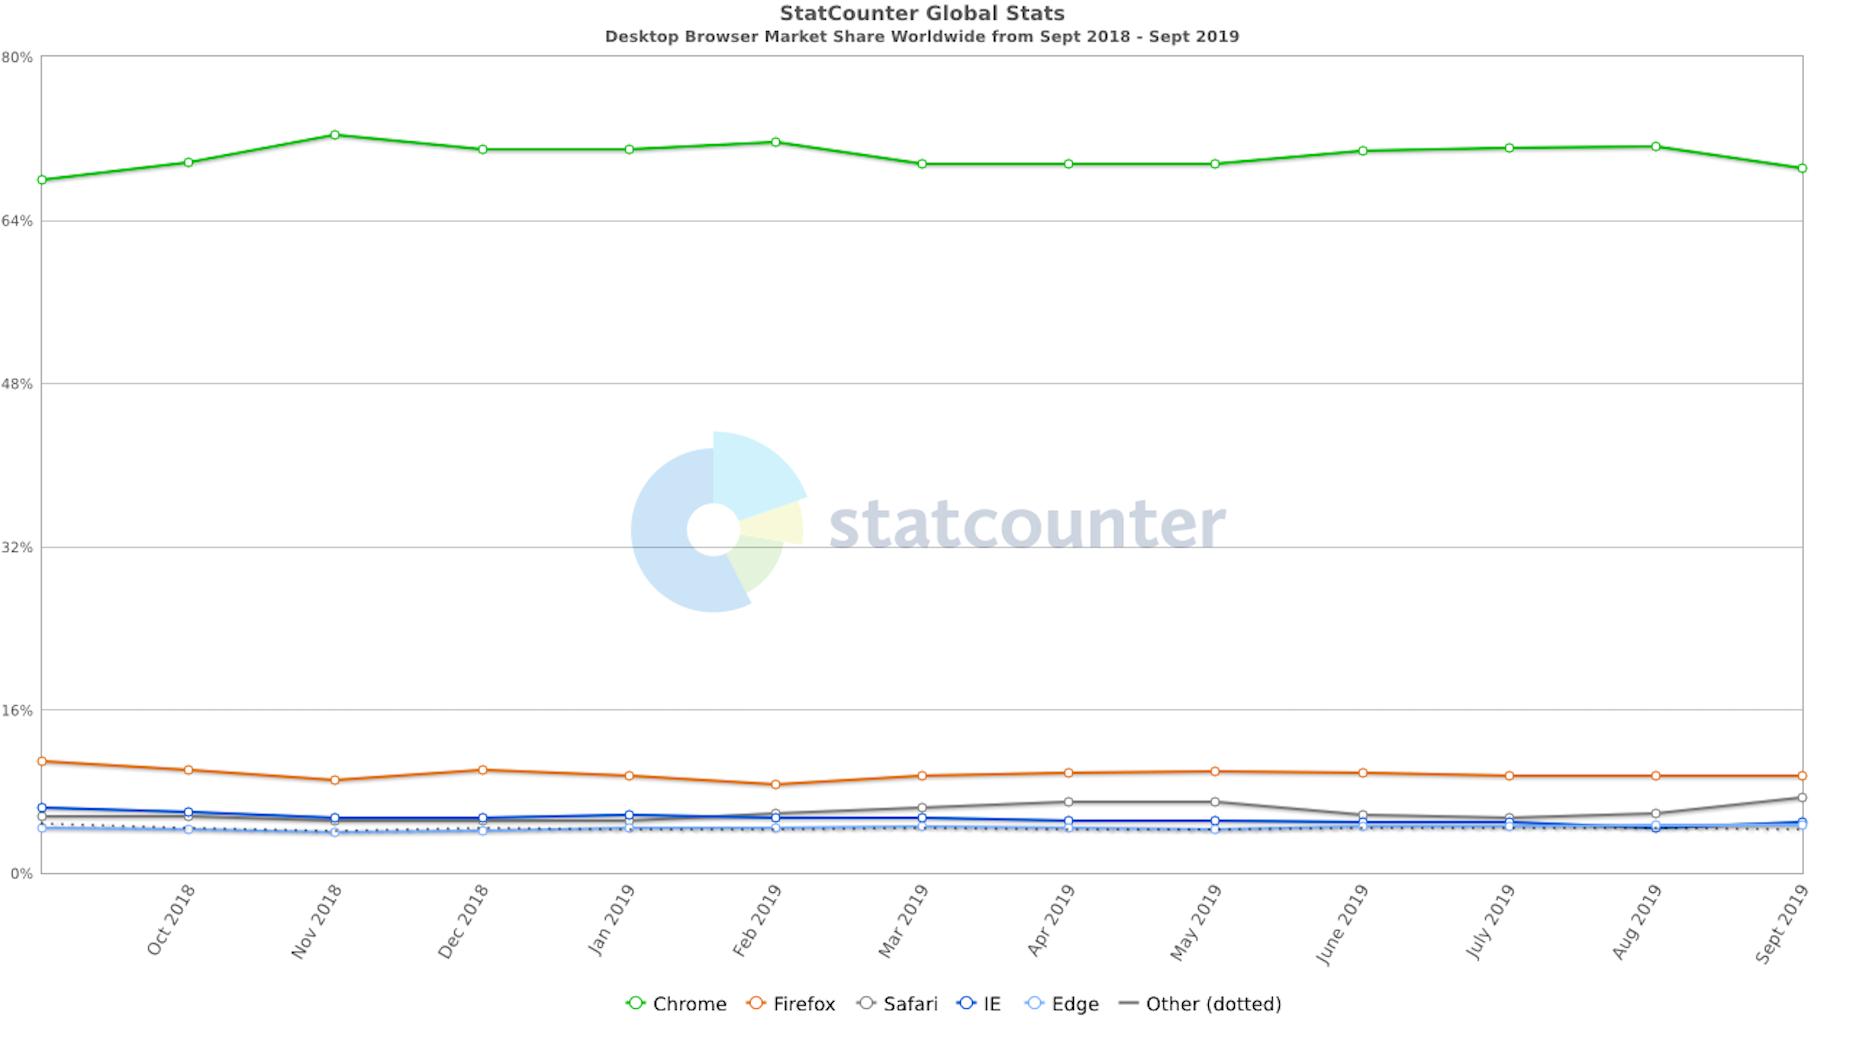 StatCounter-DesktopBrowser Market Share 2019